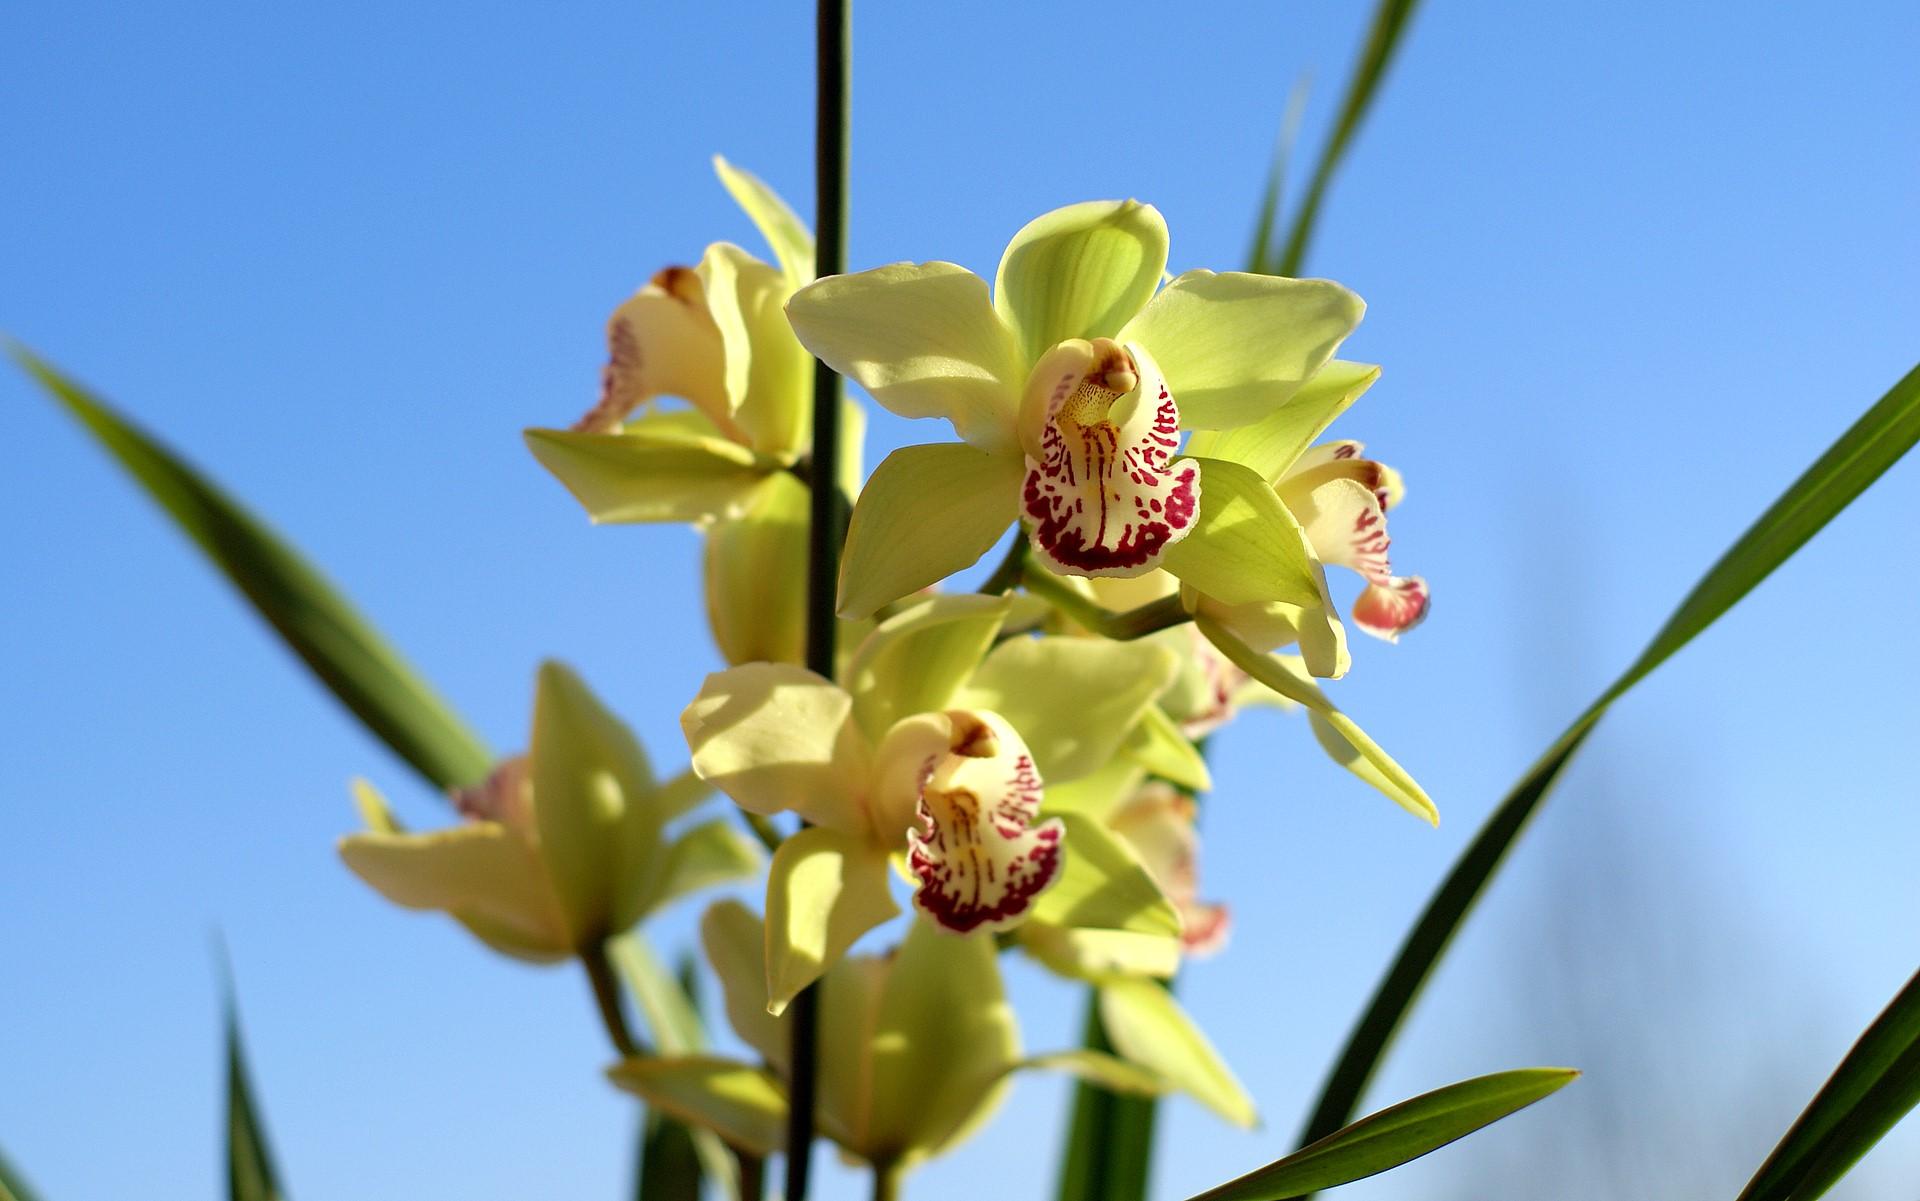 Orquideas Fondo De Pantalla Fotos Orquideas Rosas Orquideas